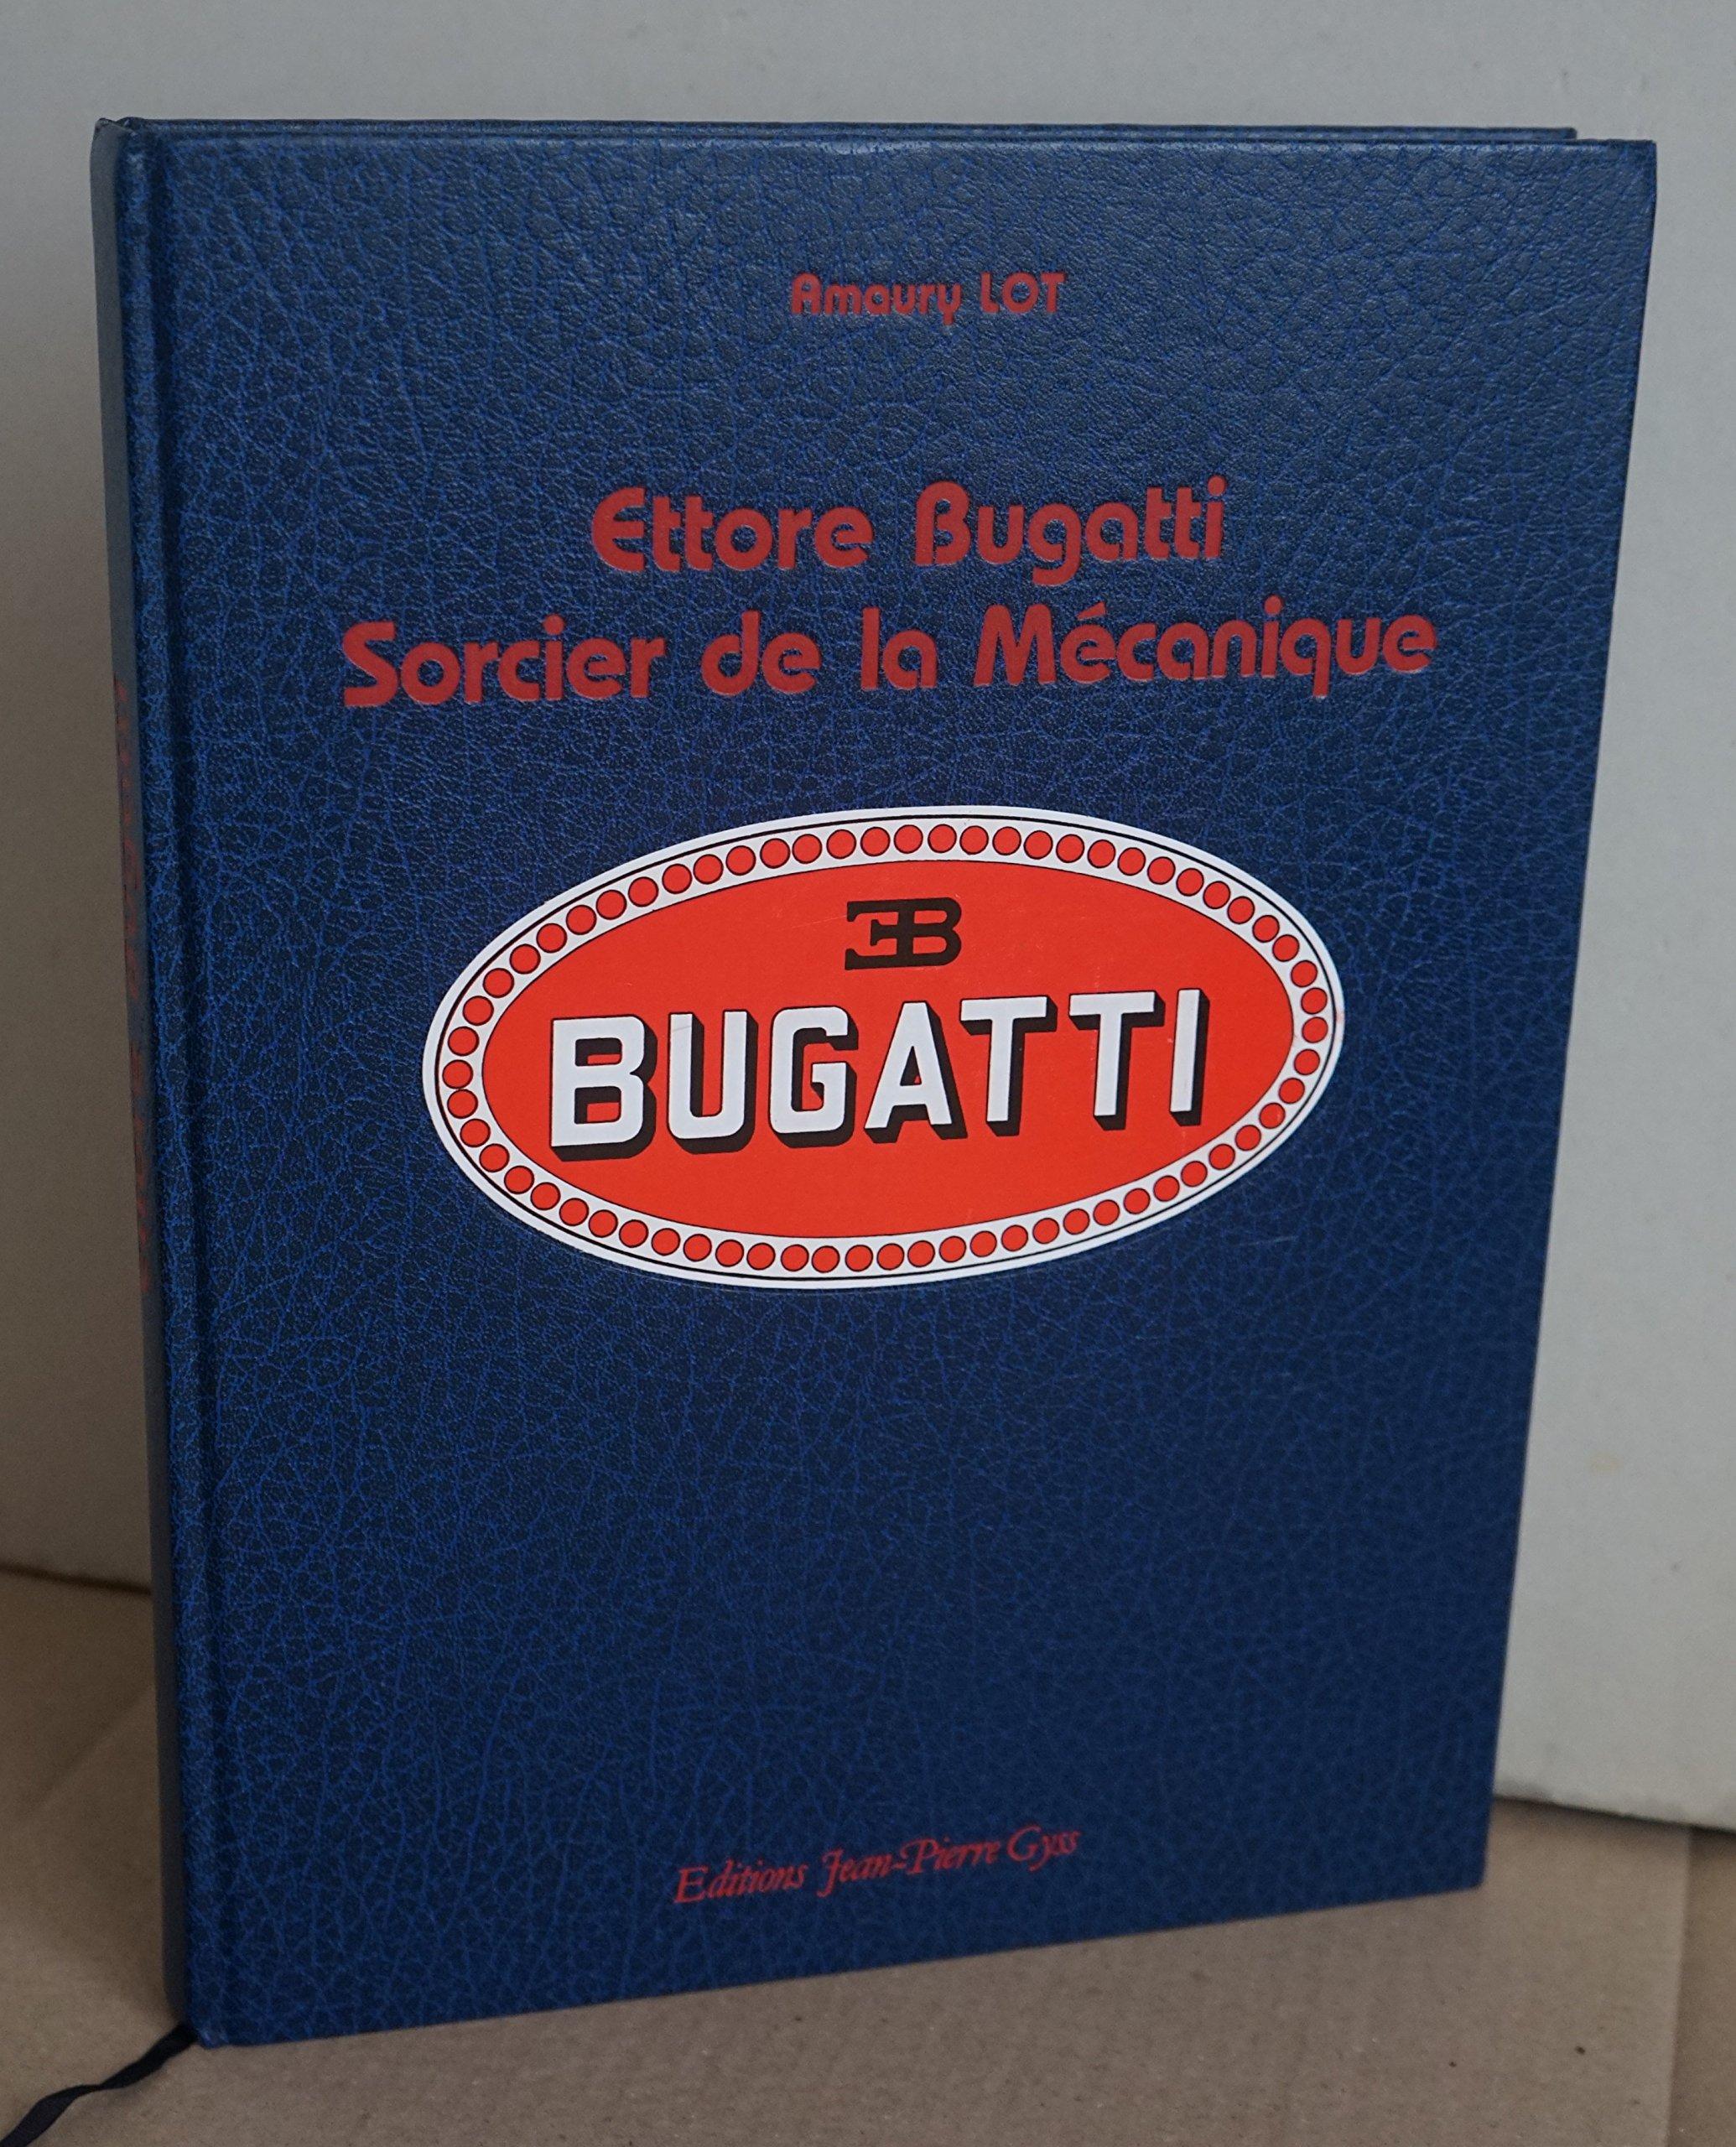 Livres Mécanique Lot Ettore Sorcier Bugatti De Amaury La nNw8m0